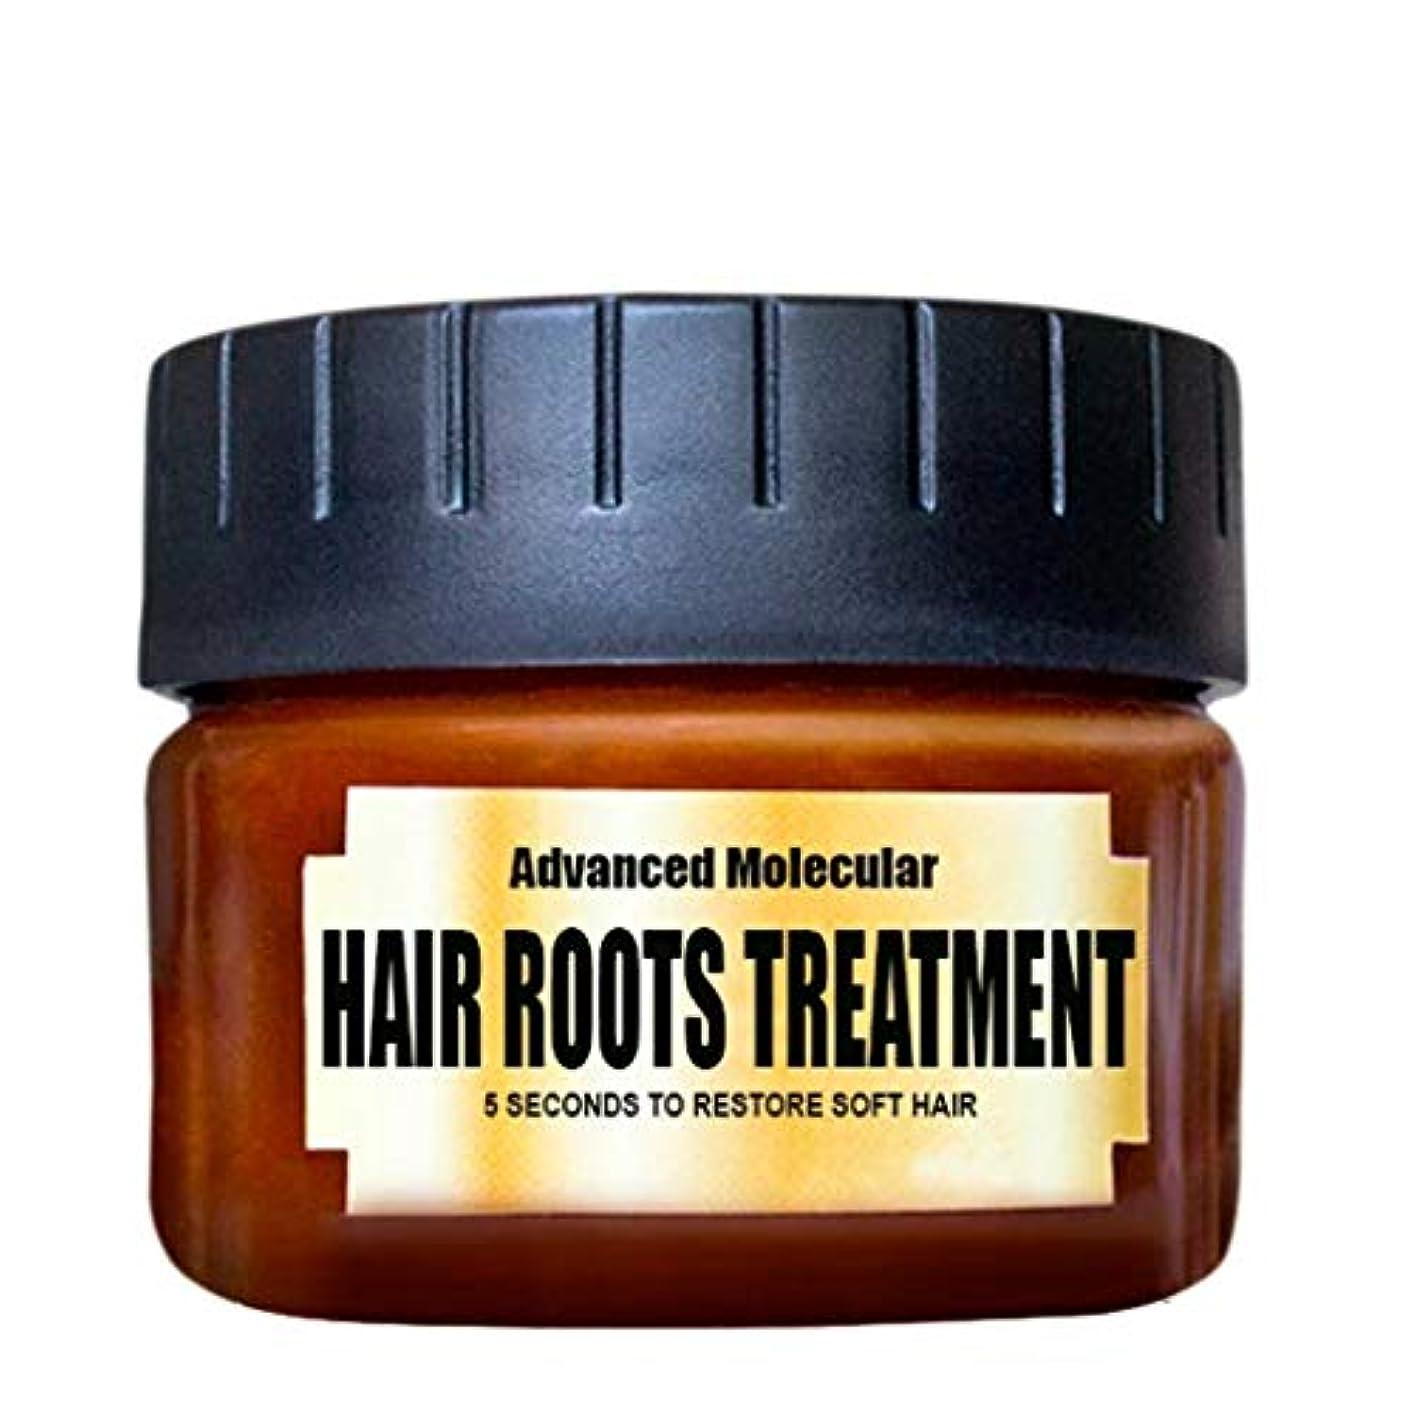 いたずら平行アラスカDOUJI 天然植物成分 ヘアケア リッチリペア コンディショナー60ml コンディショナー 髪の解毒ヘアマスク高度な分子毛根治療回復エクストラダメージケア トリートメント